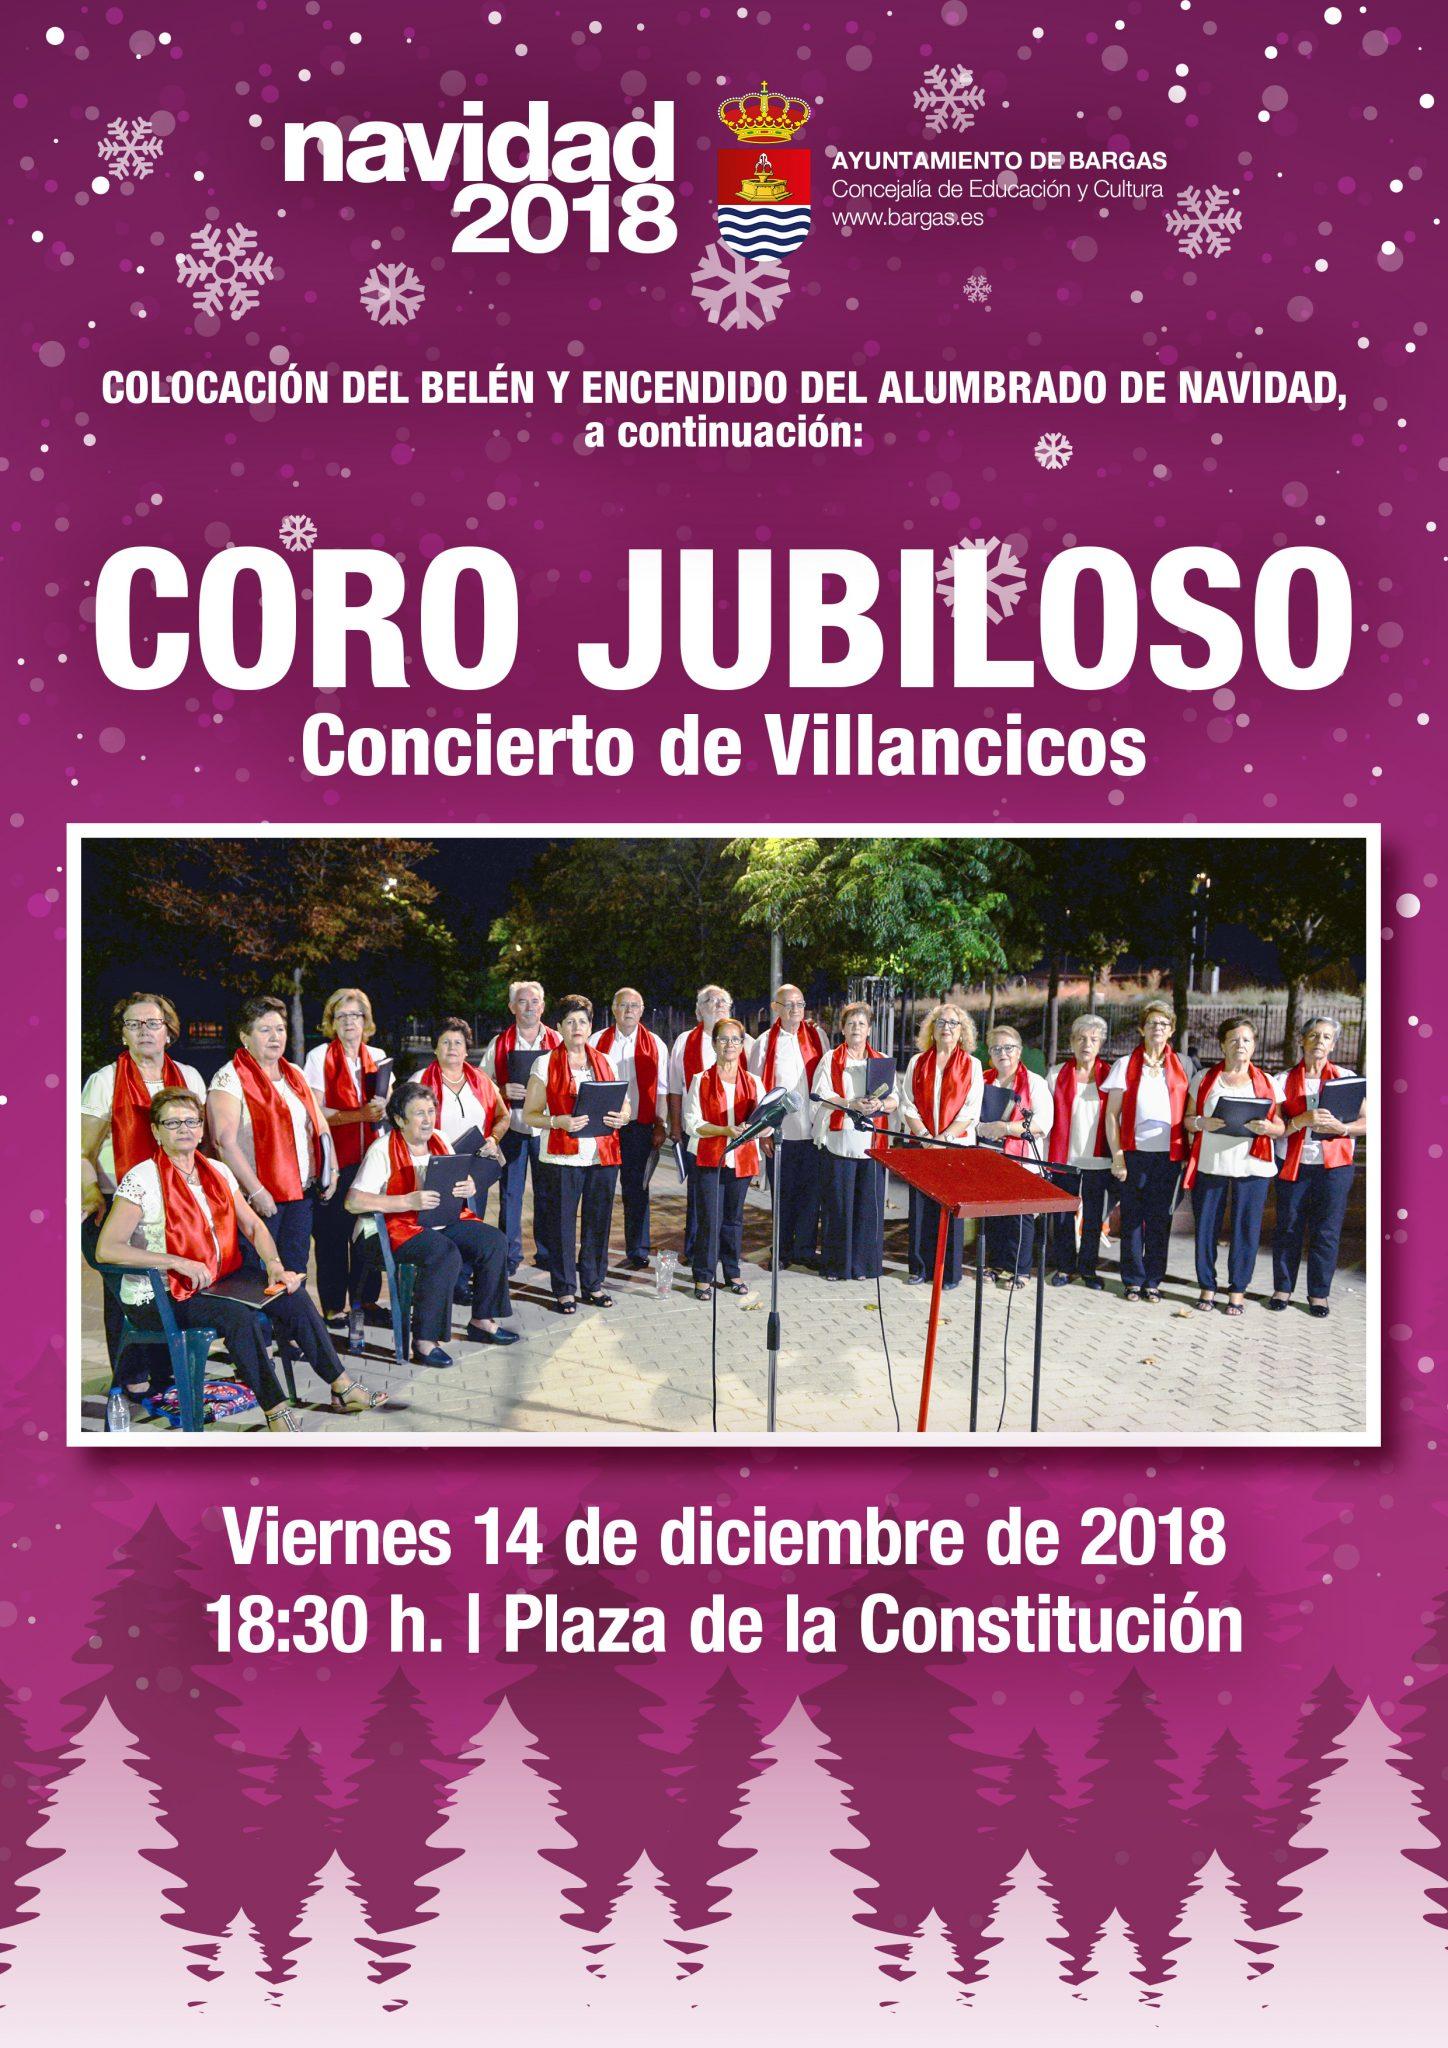 Concierto de Villancicos a cargo del Coro Jubiloso